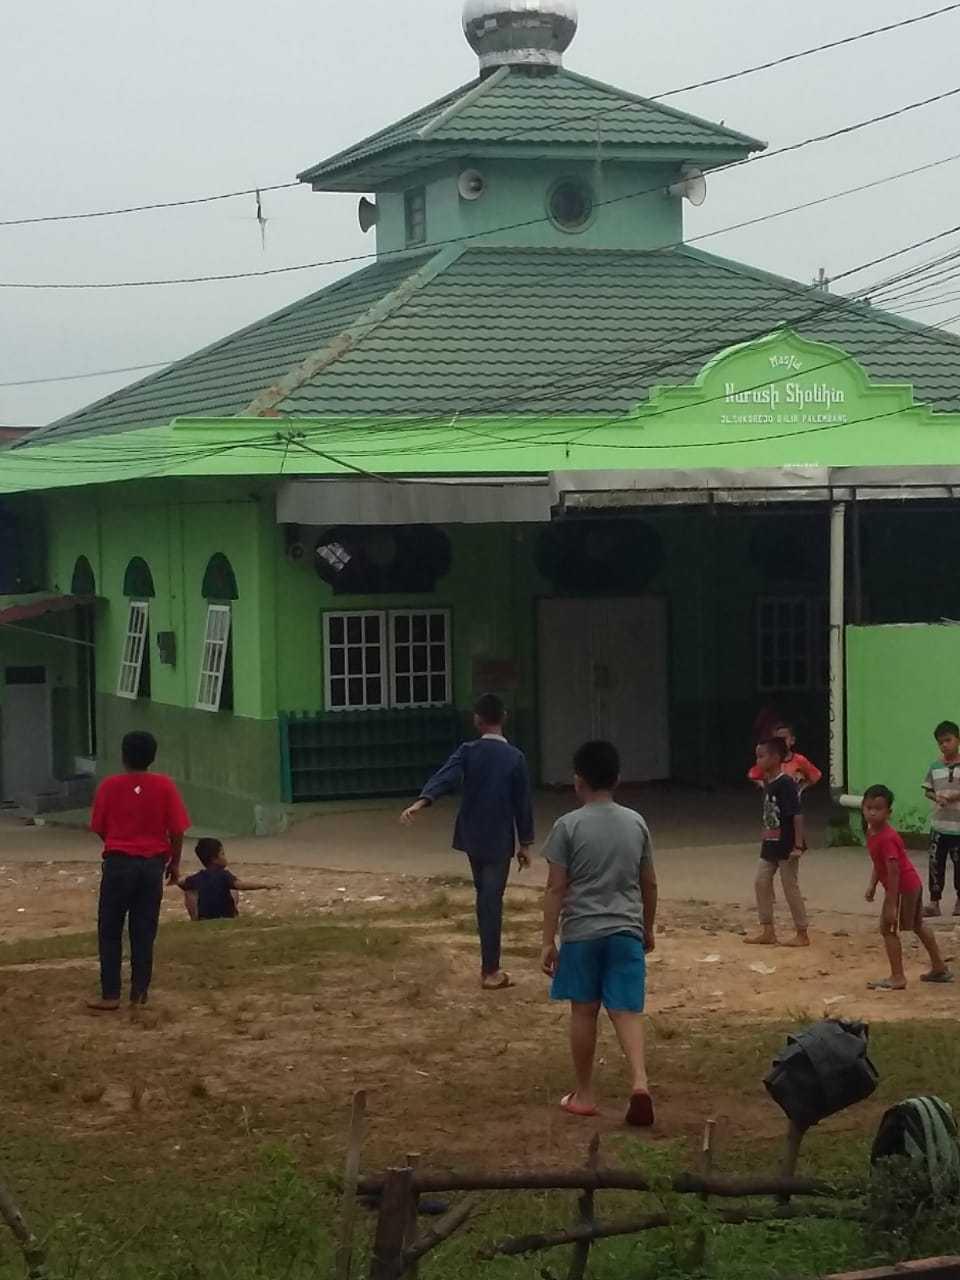 Pandangan pagi ini, main bola asyik di lapangan masjid (Dok.Pribadi)